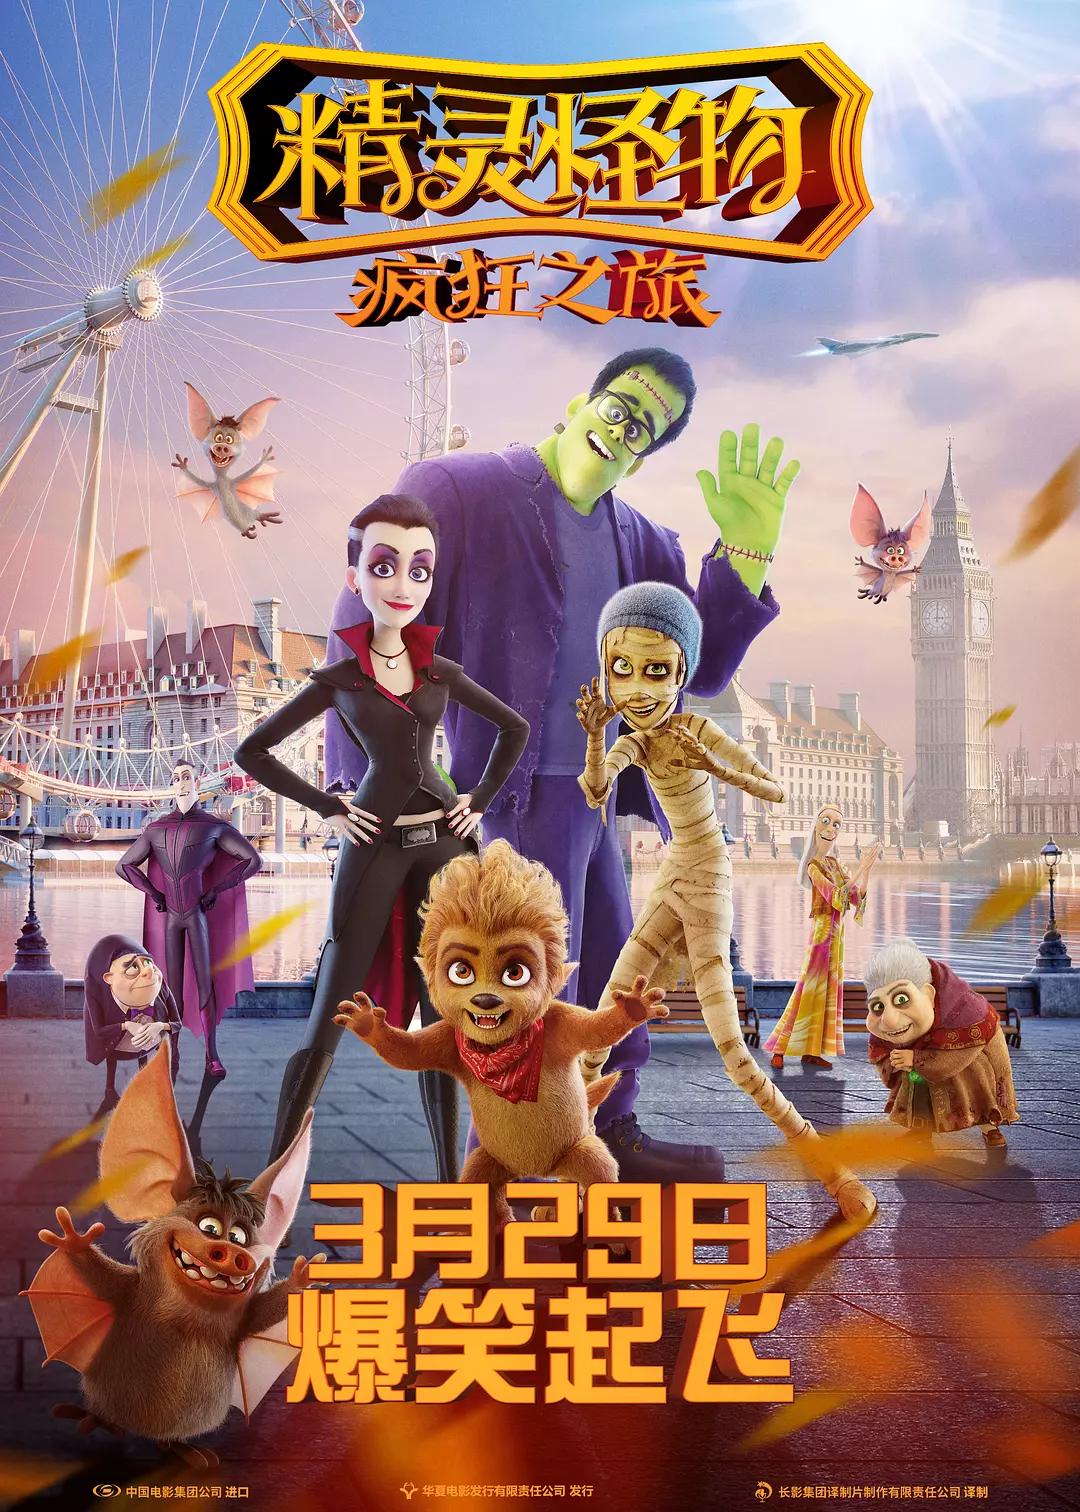 3D《精灵怪物:疯狂之旅》